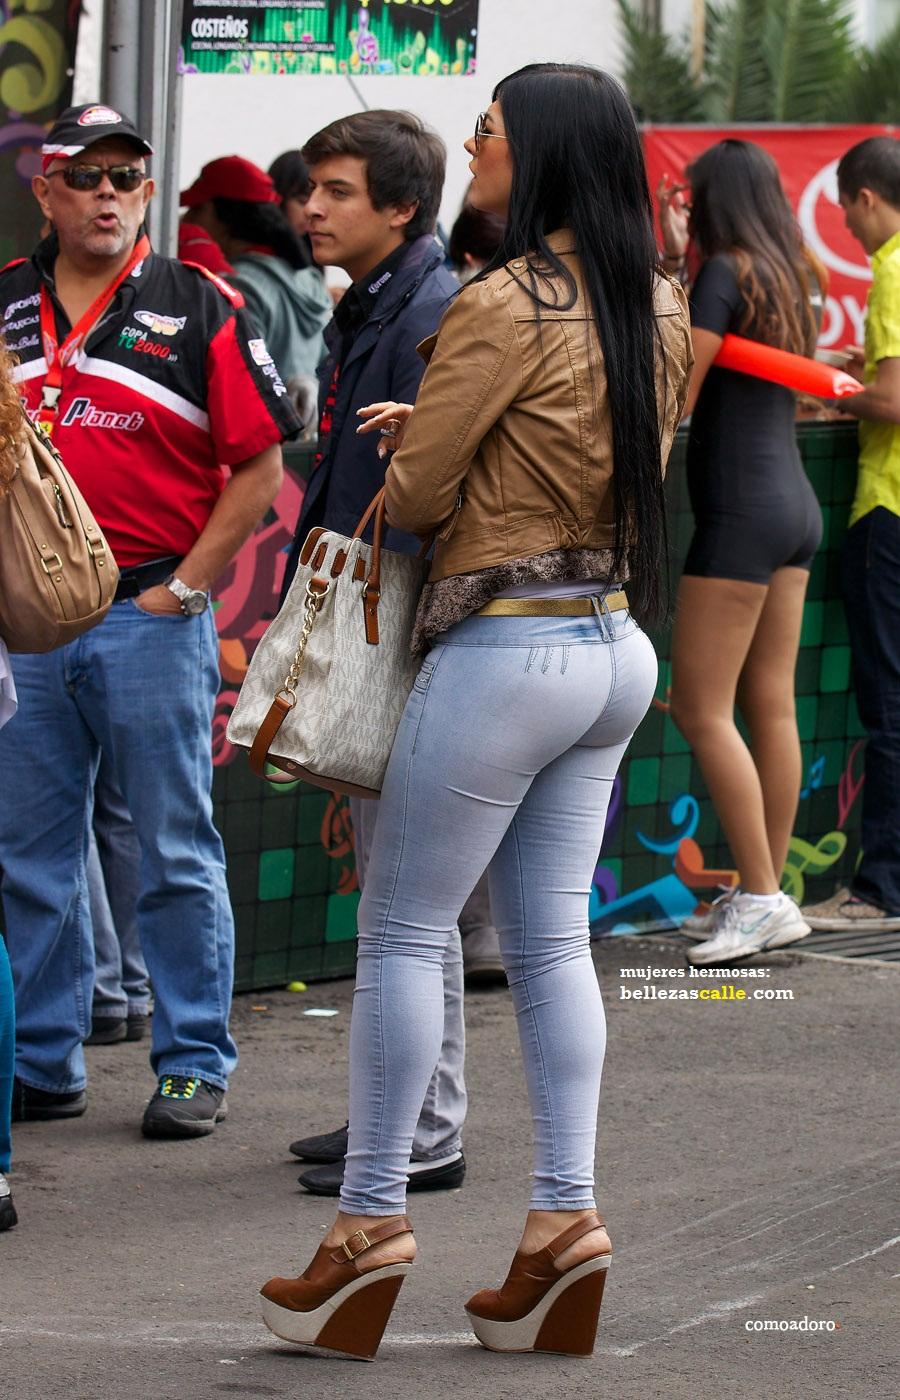 Chaparrita milf en pantalon apretado - 3 1